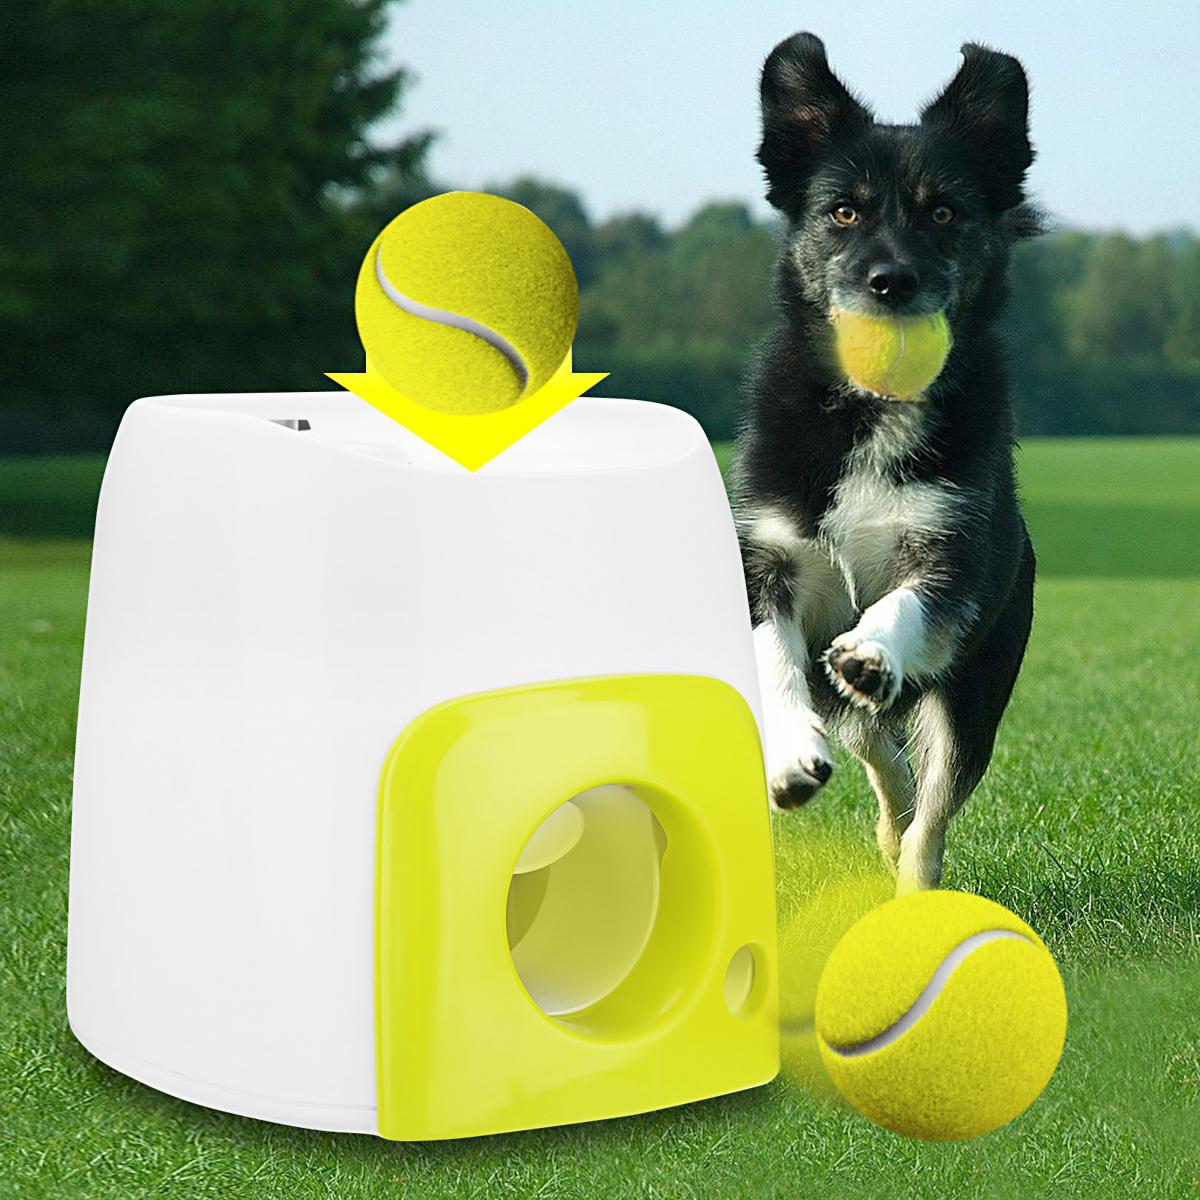 jouets pour animaux de compagnie lanceur de Tennis